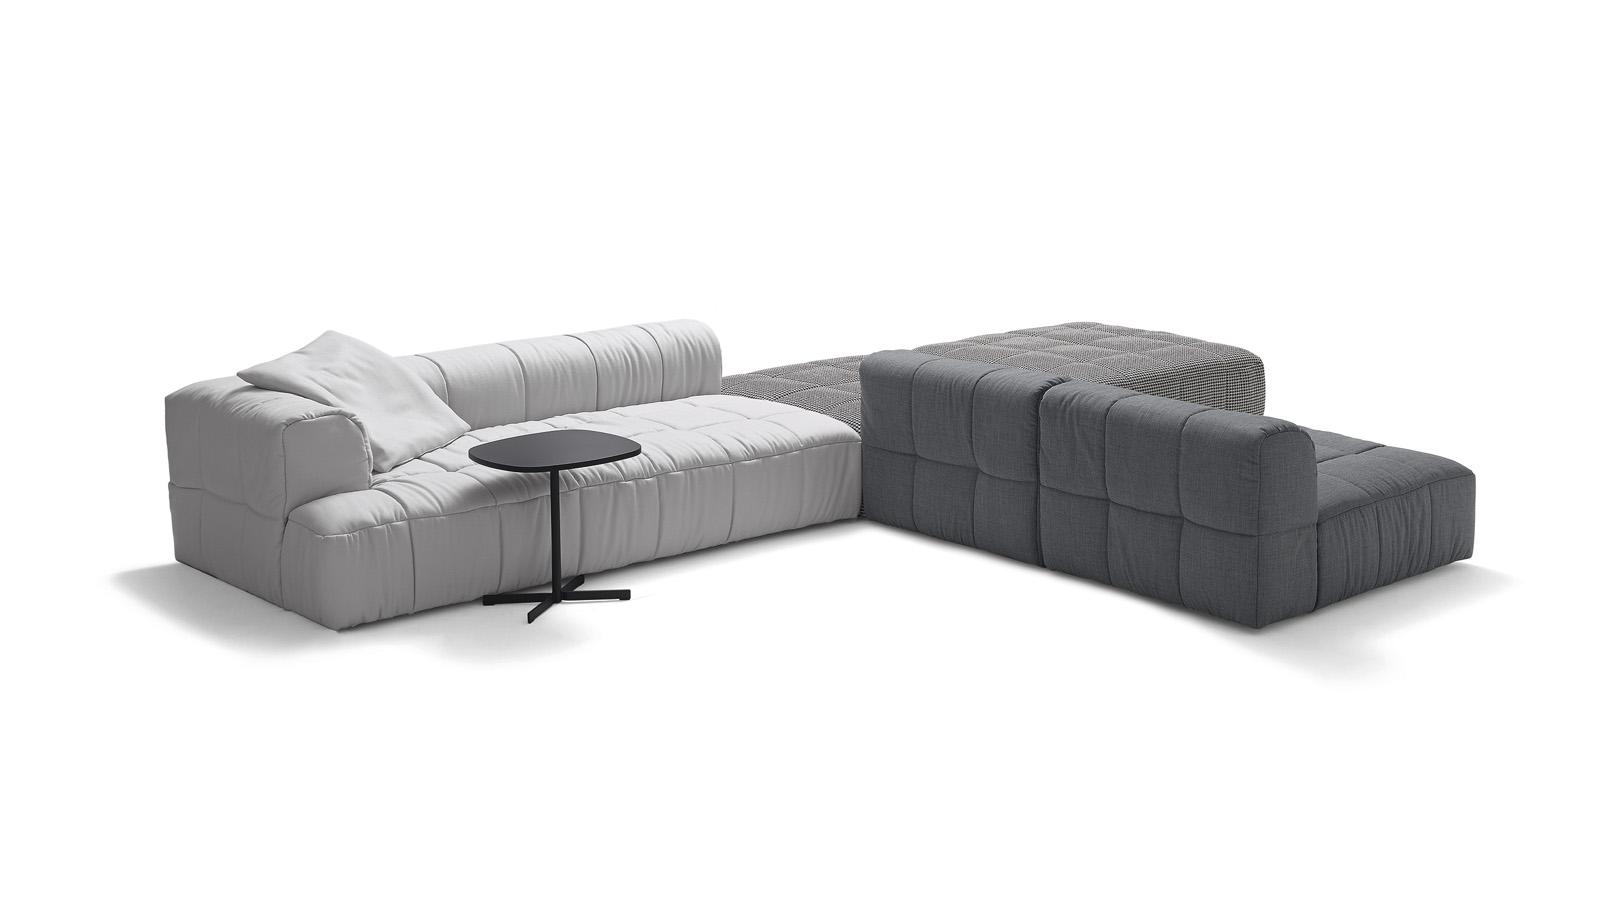 TinnappelMetz-arflex-strips-sofa-02